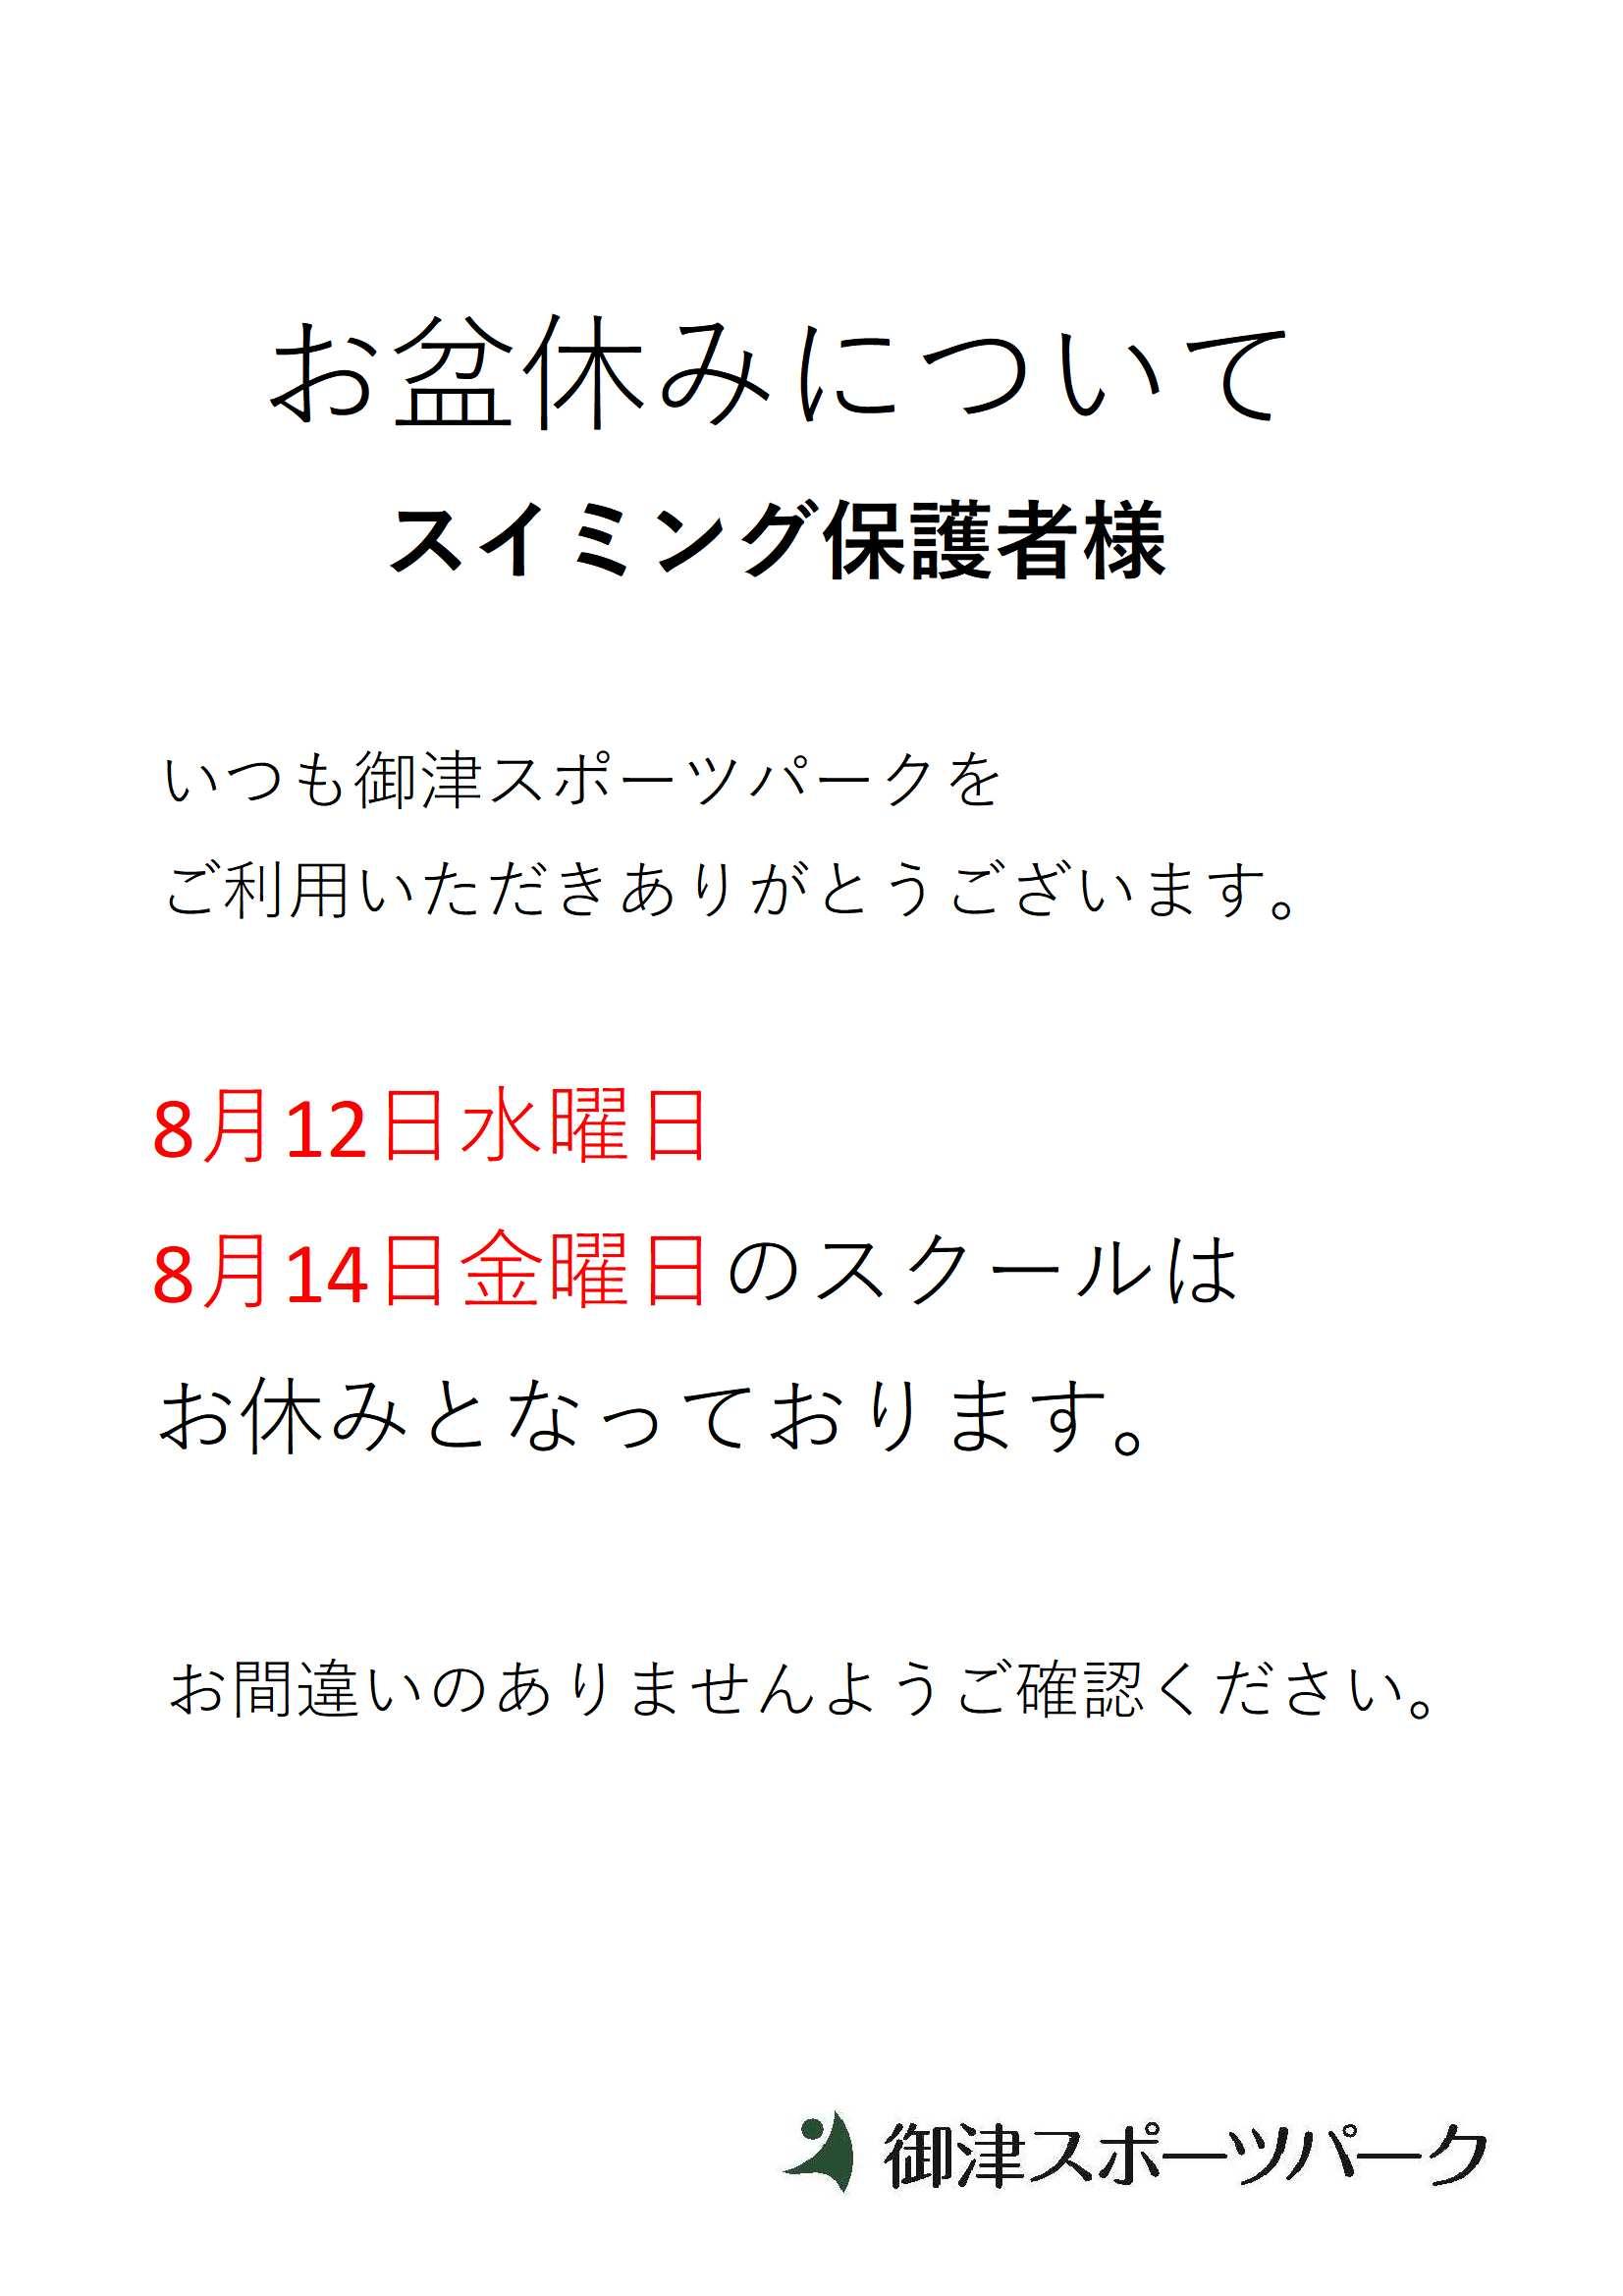 コロナ月会費支払変更について.jpg